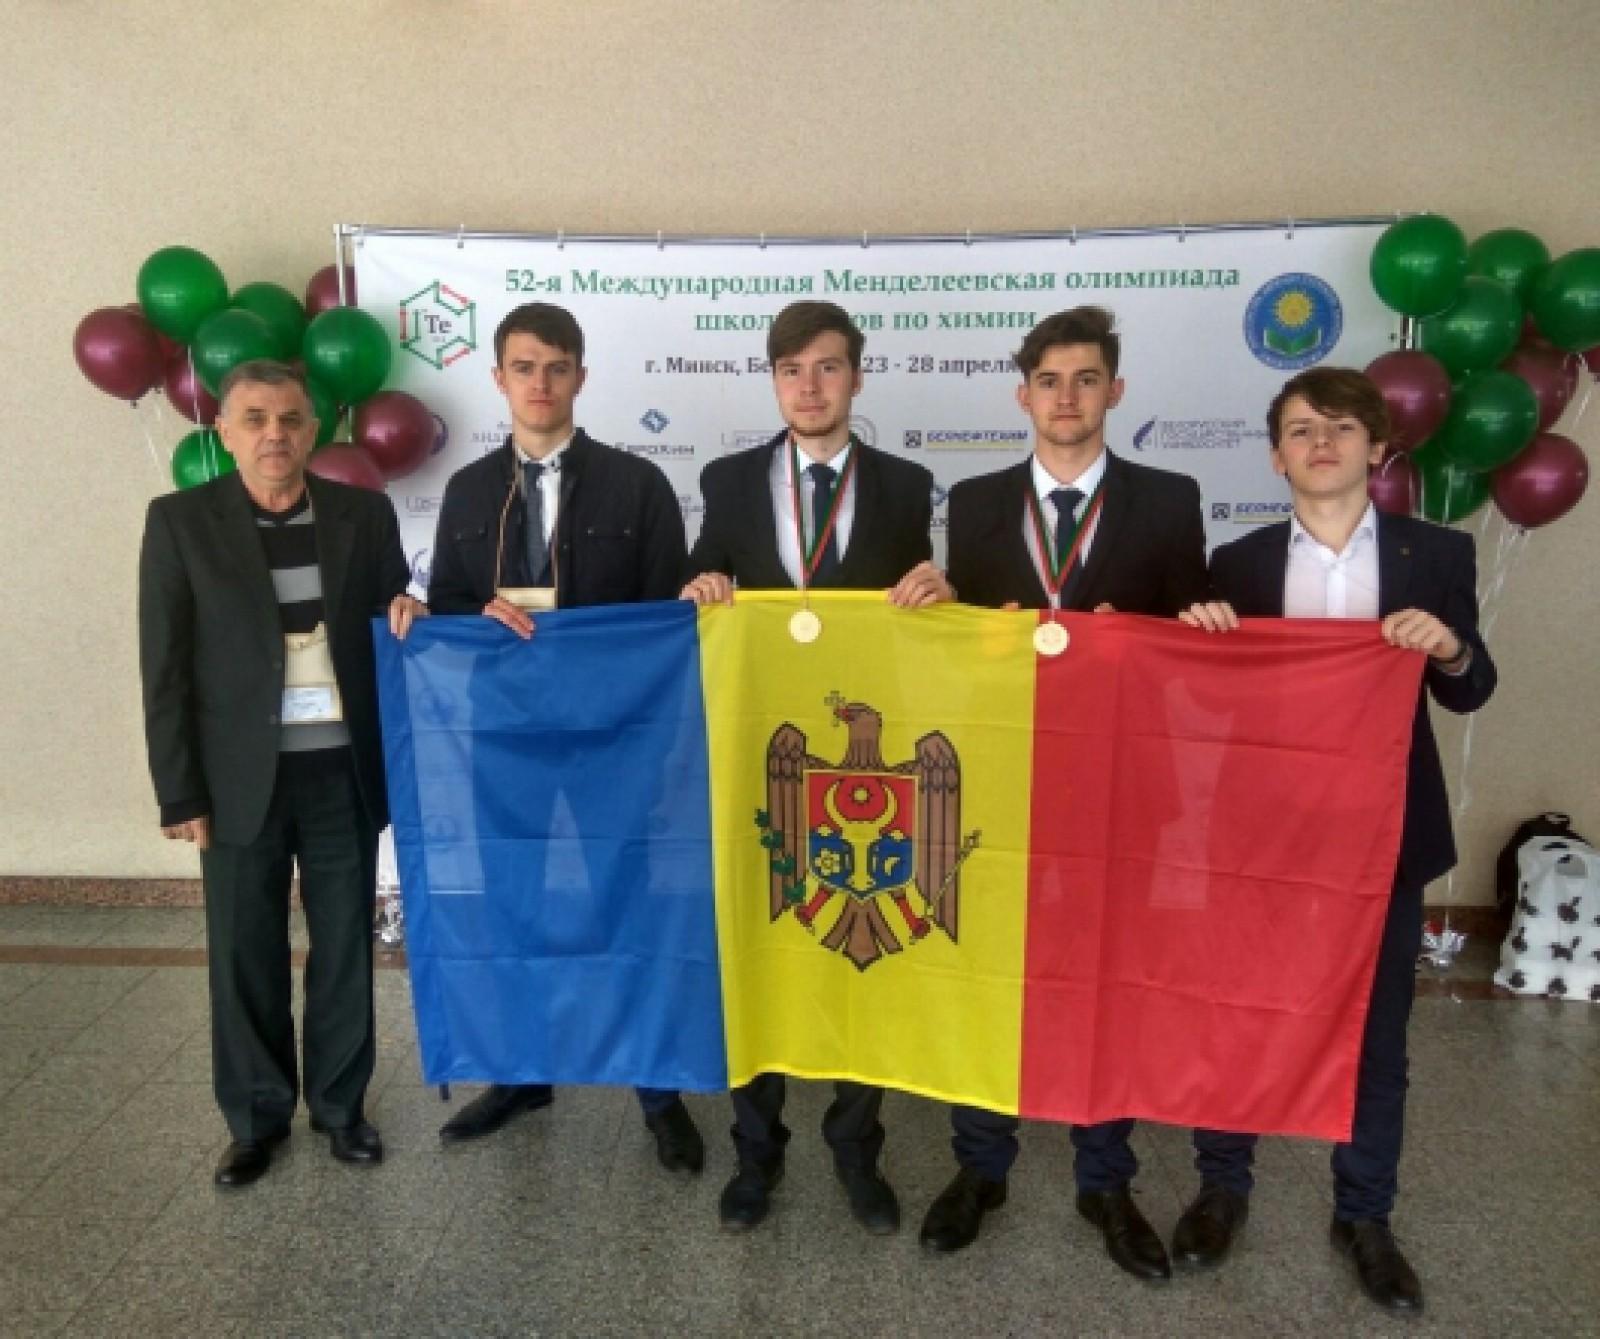 Elevii din Republica Moldova au adus acasă două medalii de bronz de la Olimpiada Internațională de Chimie din Belarus